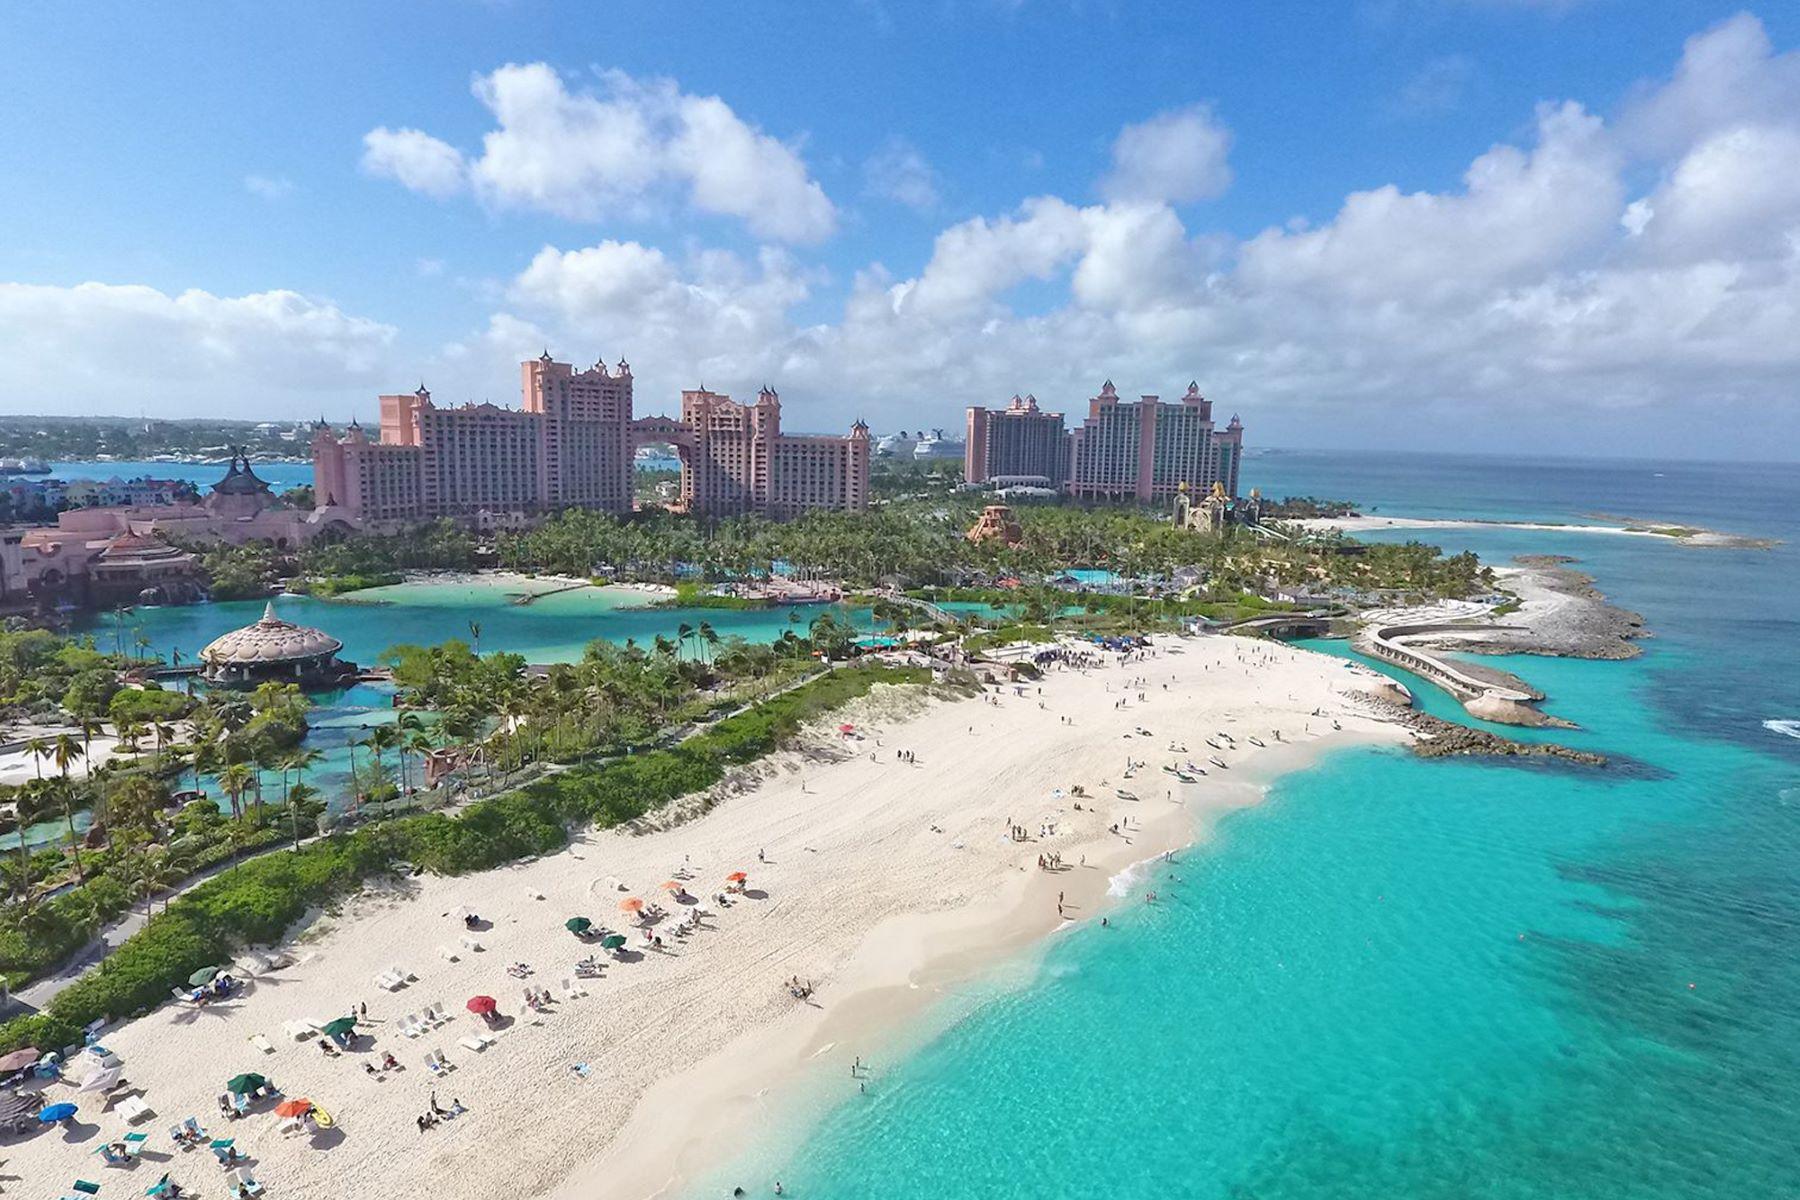 共管式独立产权公寓 为 销售 在 The Reef 9-910 天堂岛, 新普罗维登斯/拿骚, 巴哈马